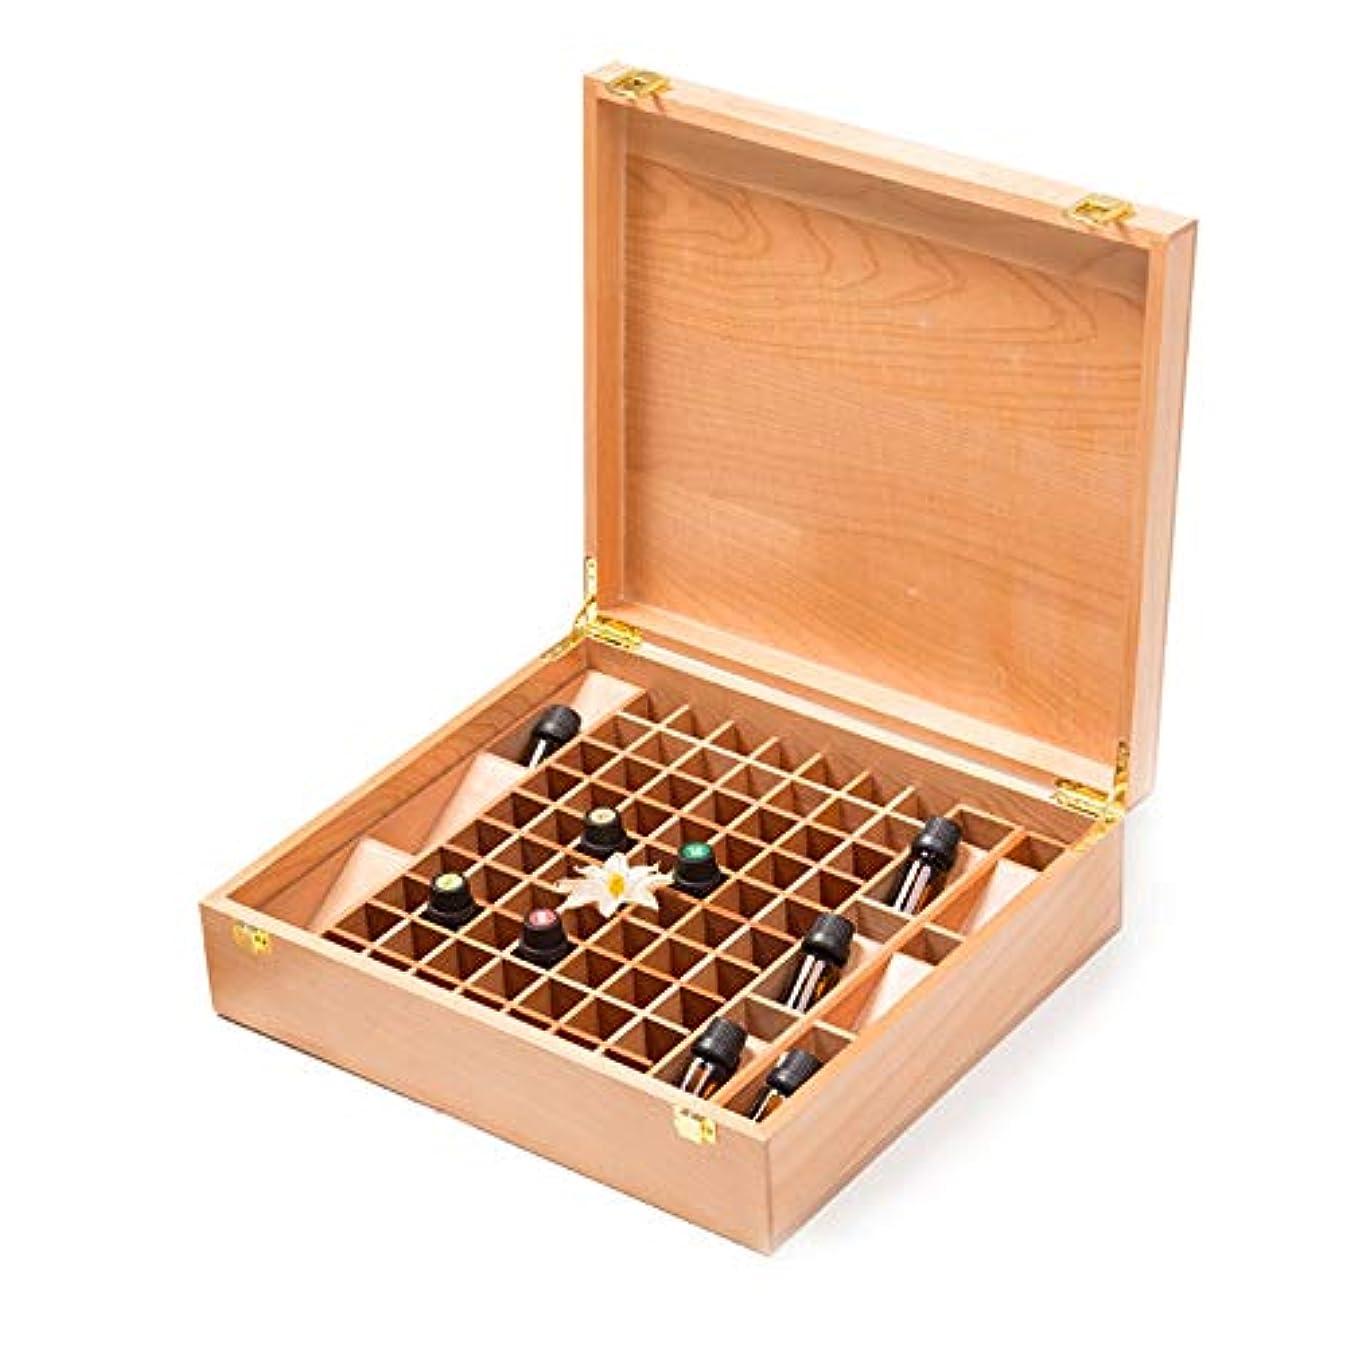 ウミウシ交響曲白い手作りの木製エッセンシャルオイルストレージボックスパーフェクトエッセンシャルオイルのケースは、70の油のボトルを保持します アロマセラピー製品 (色 : Natural, サイズ : 44X31.5X10.5CM)